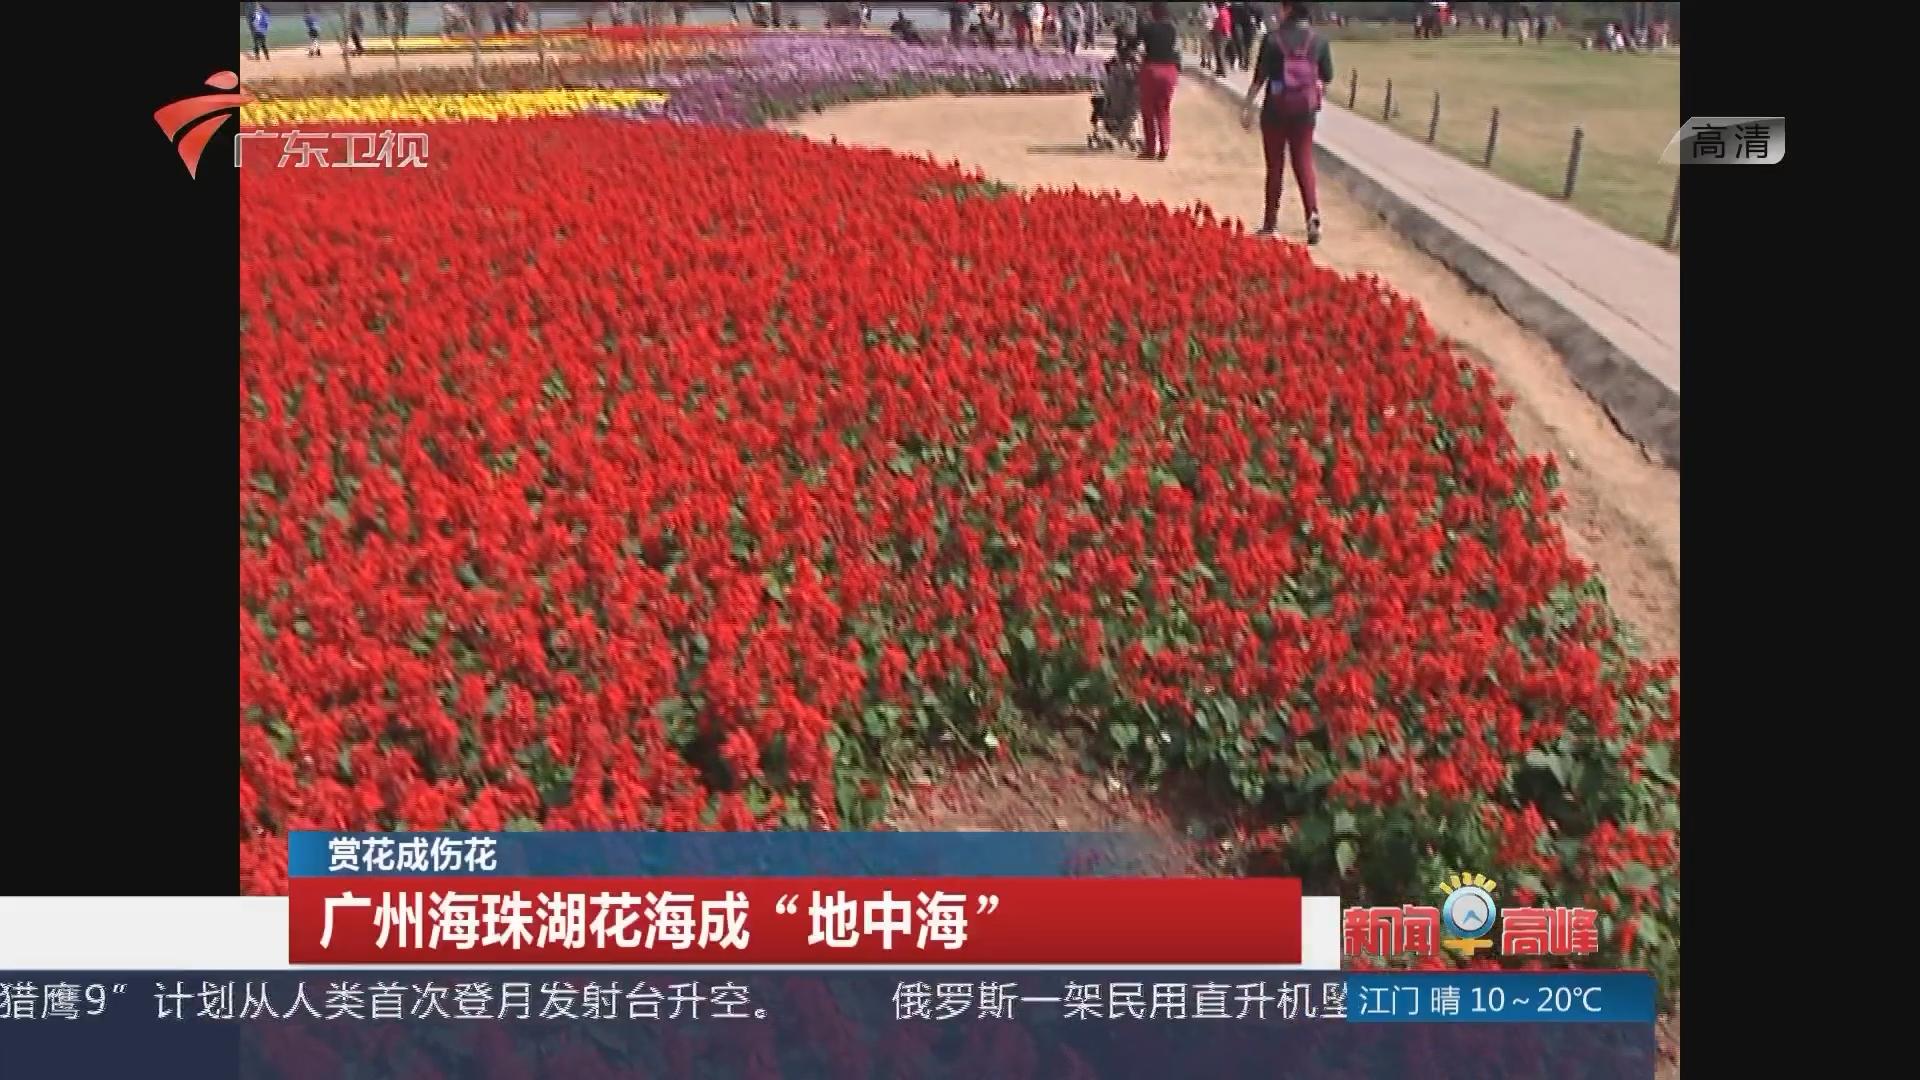 广州海珠湖公园:赏花成伤花 公园花海遭严重破坏